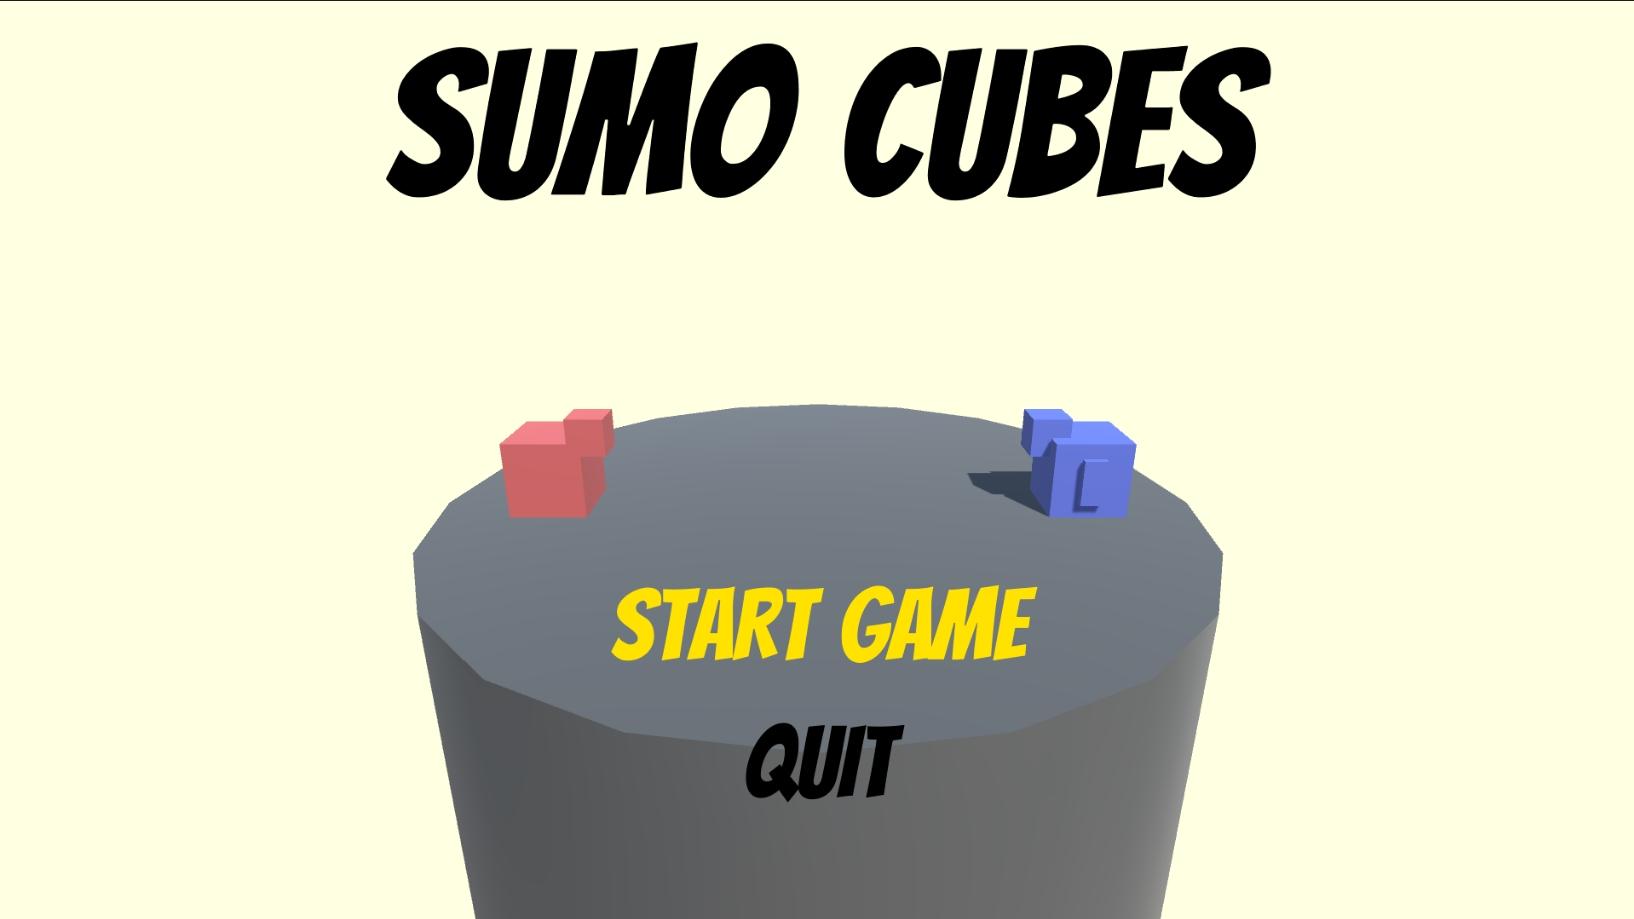 Sumo Cubes